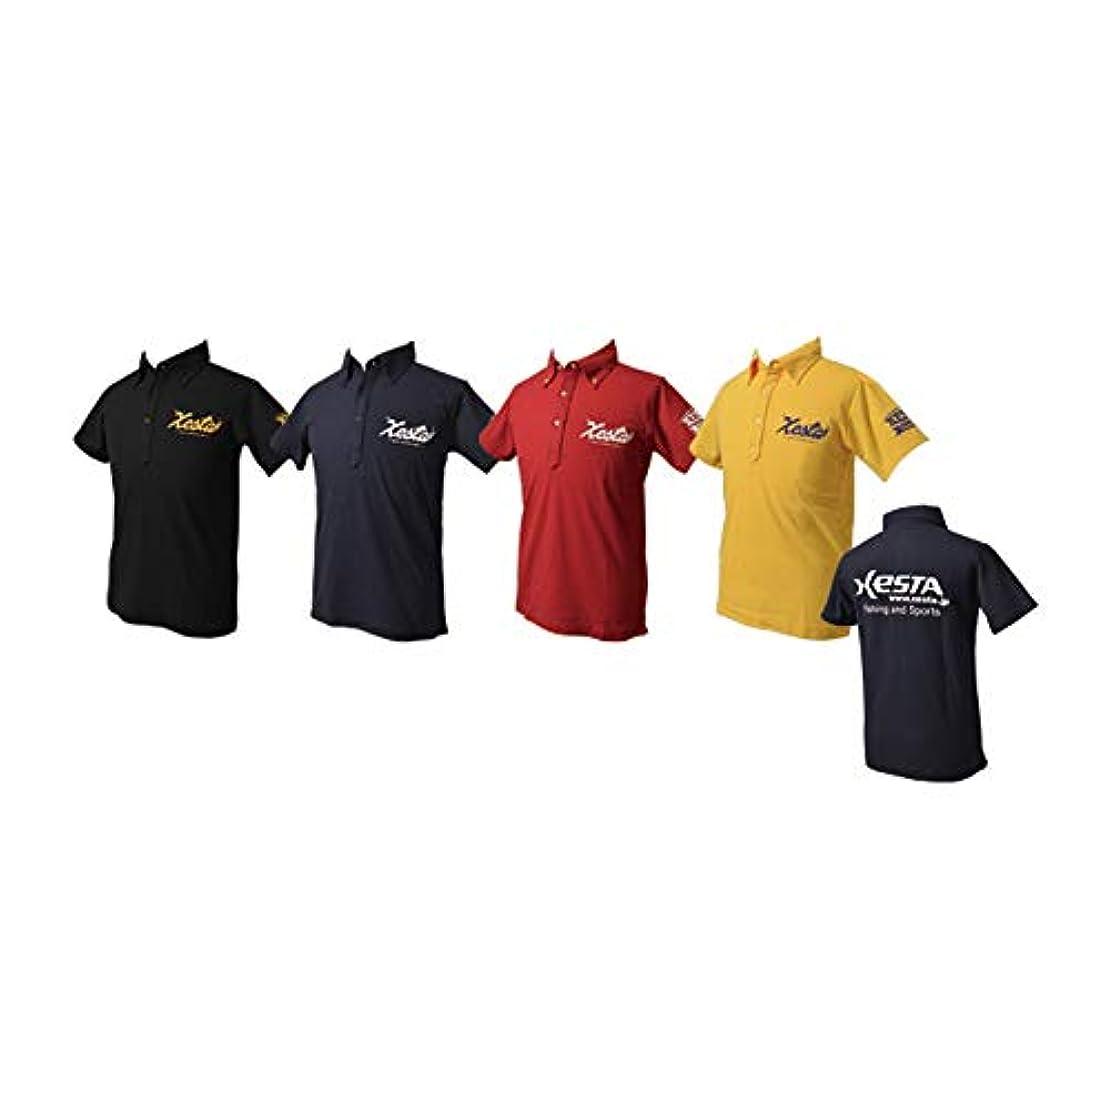 選ぶ空気悪意のあるゼスタ(XESTA) ドライポロシャツ(XESTAフック) ネイビー S